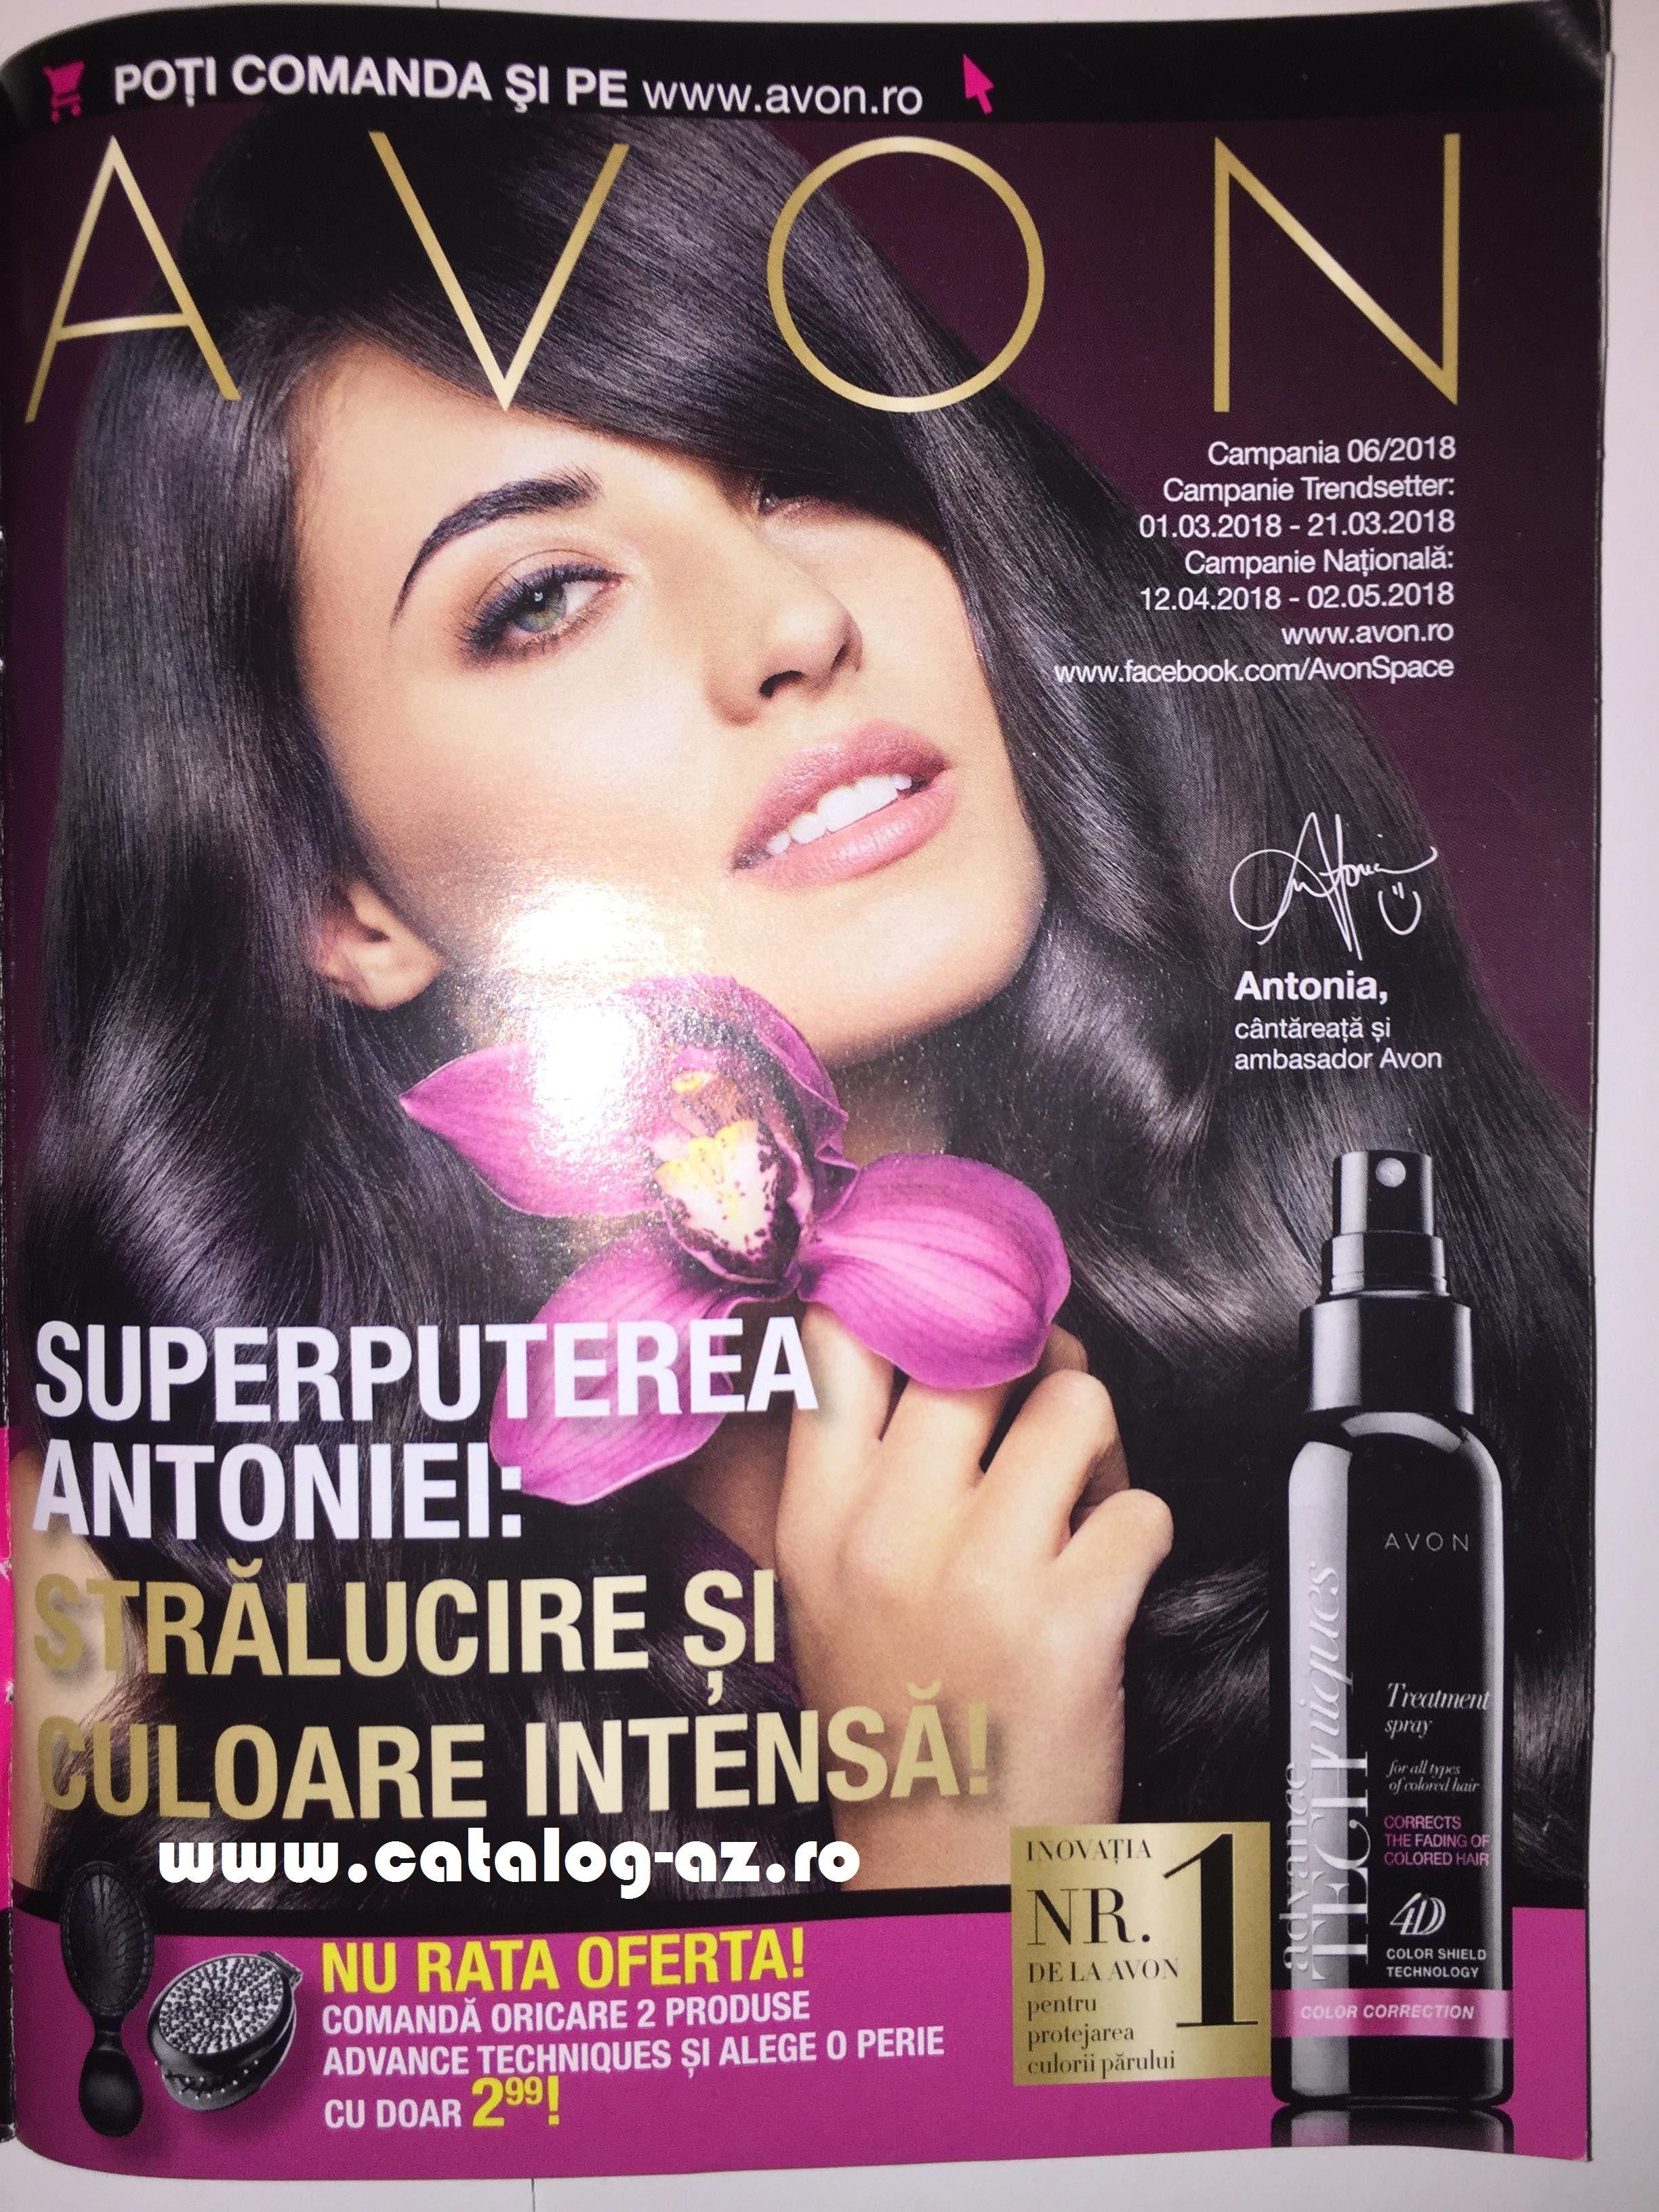 Catalog Avon Campania 6 2018 Brosura C6 Avon Cosmetice